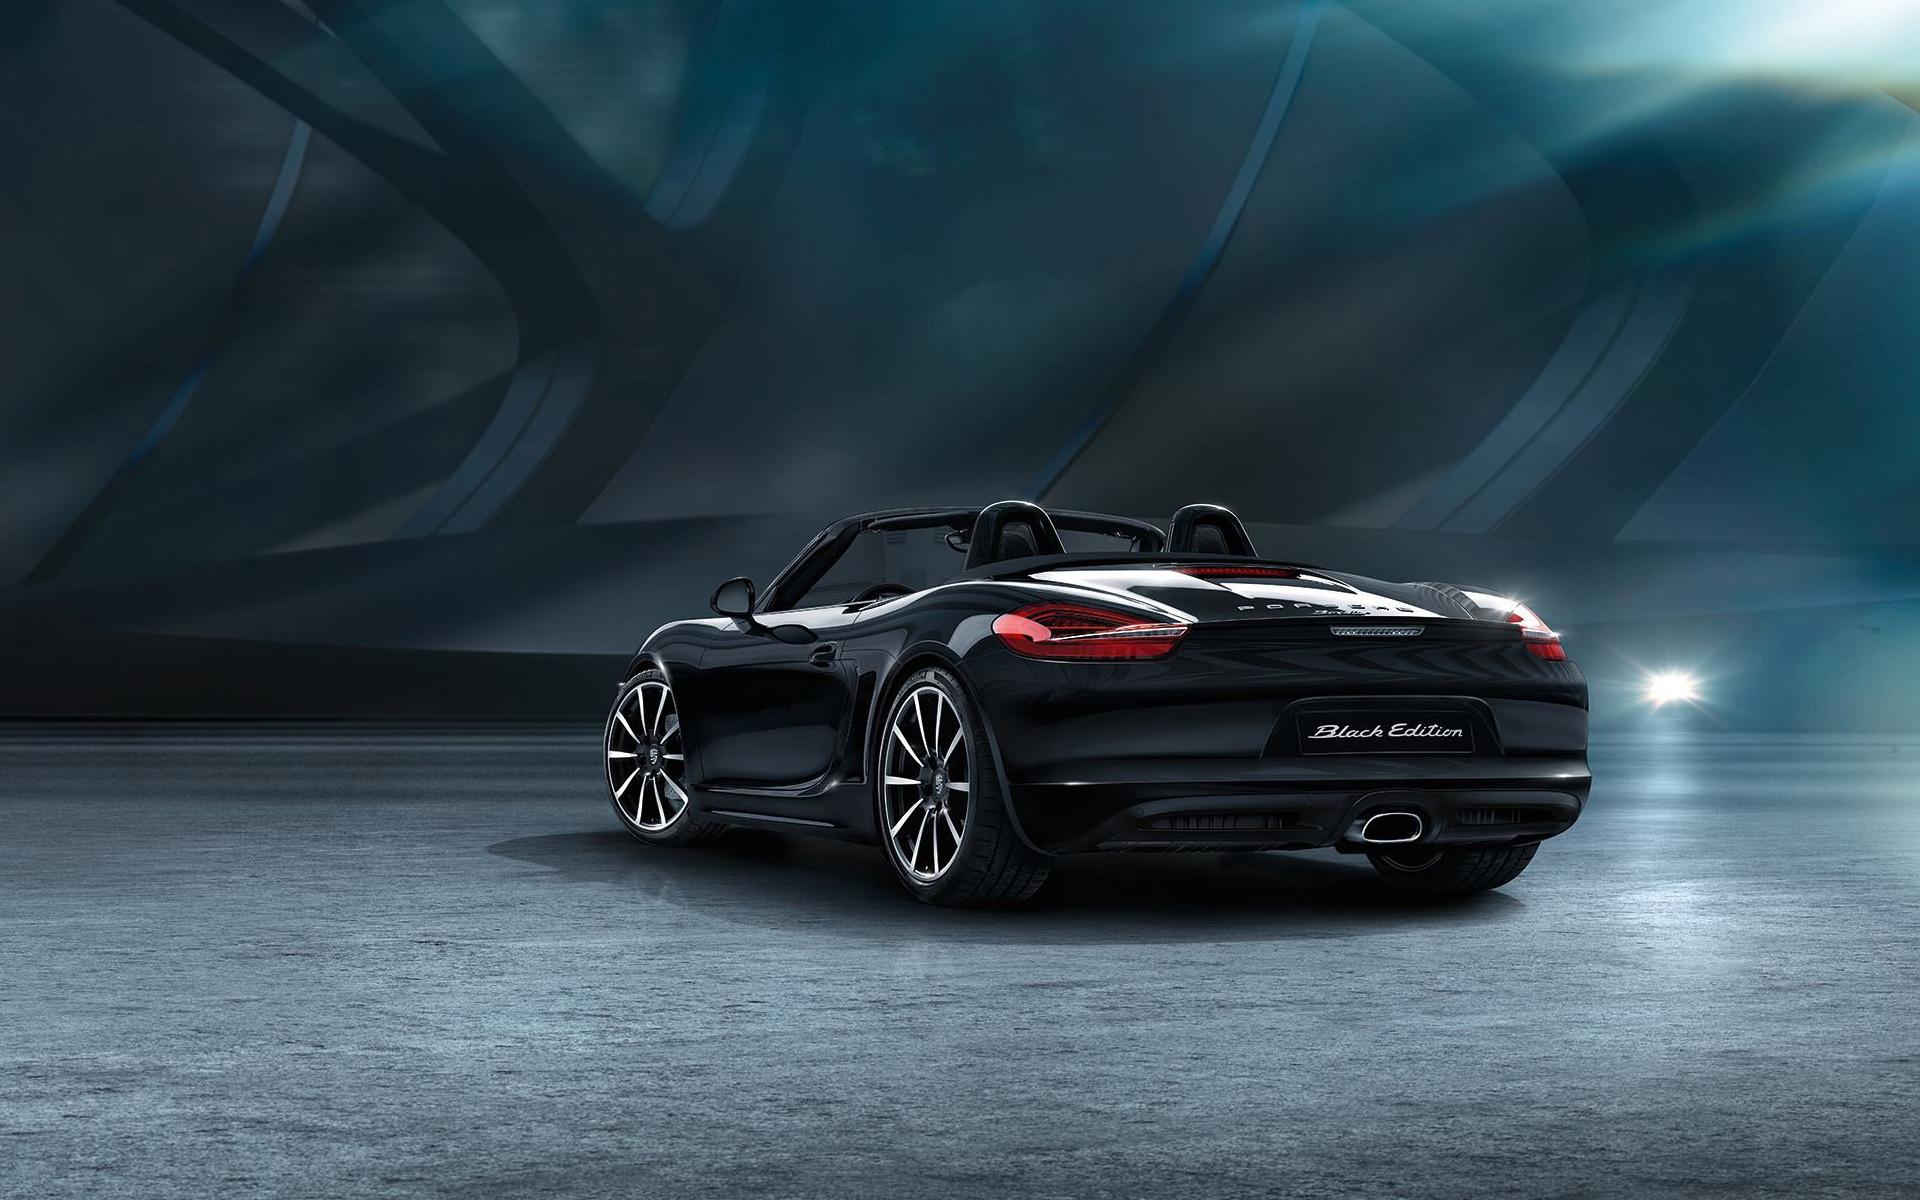 2015 Porsche Boxster Black Edition 2